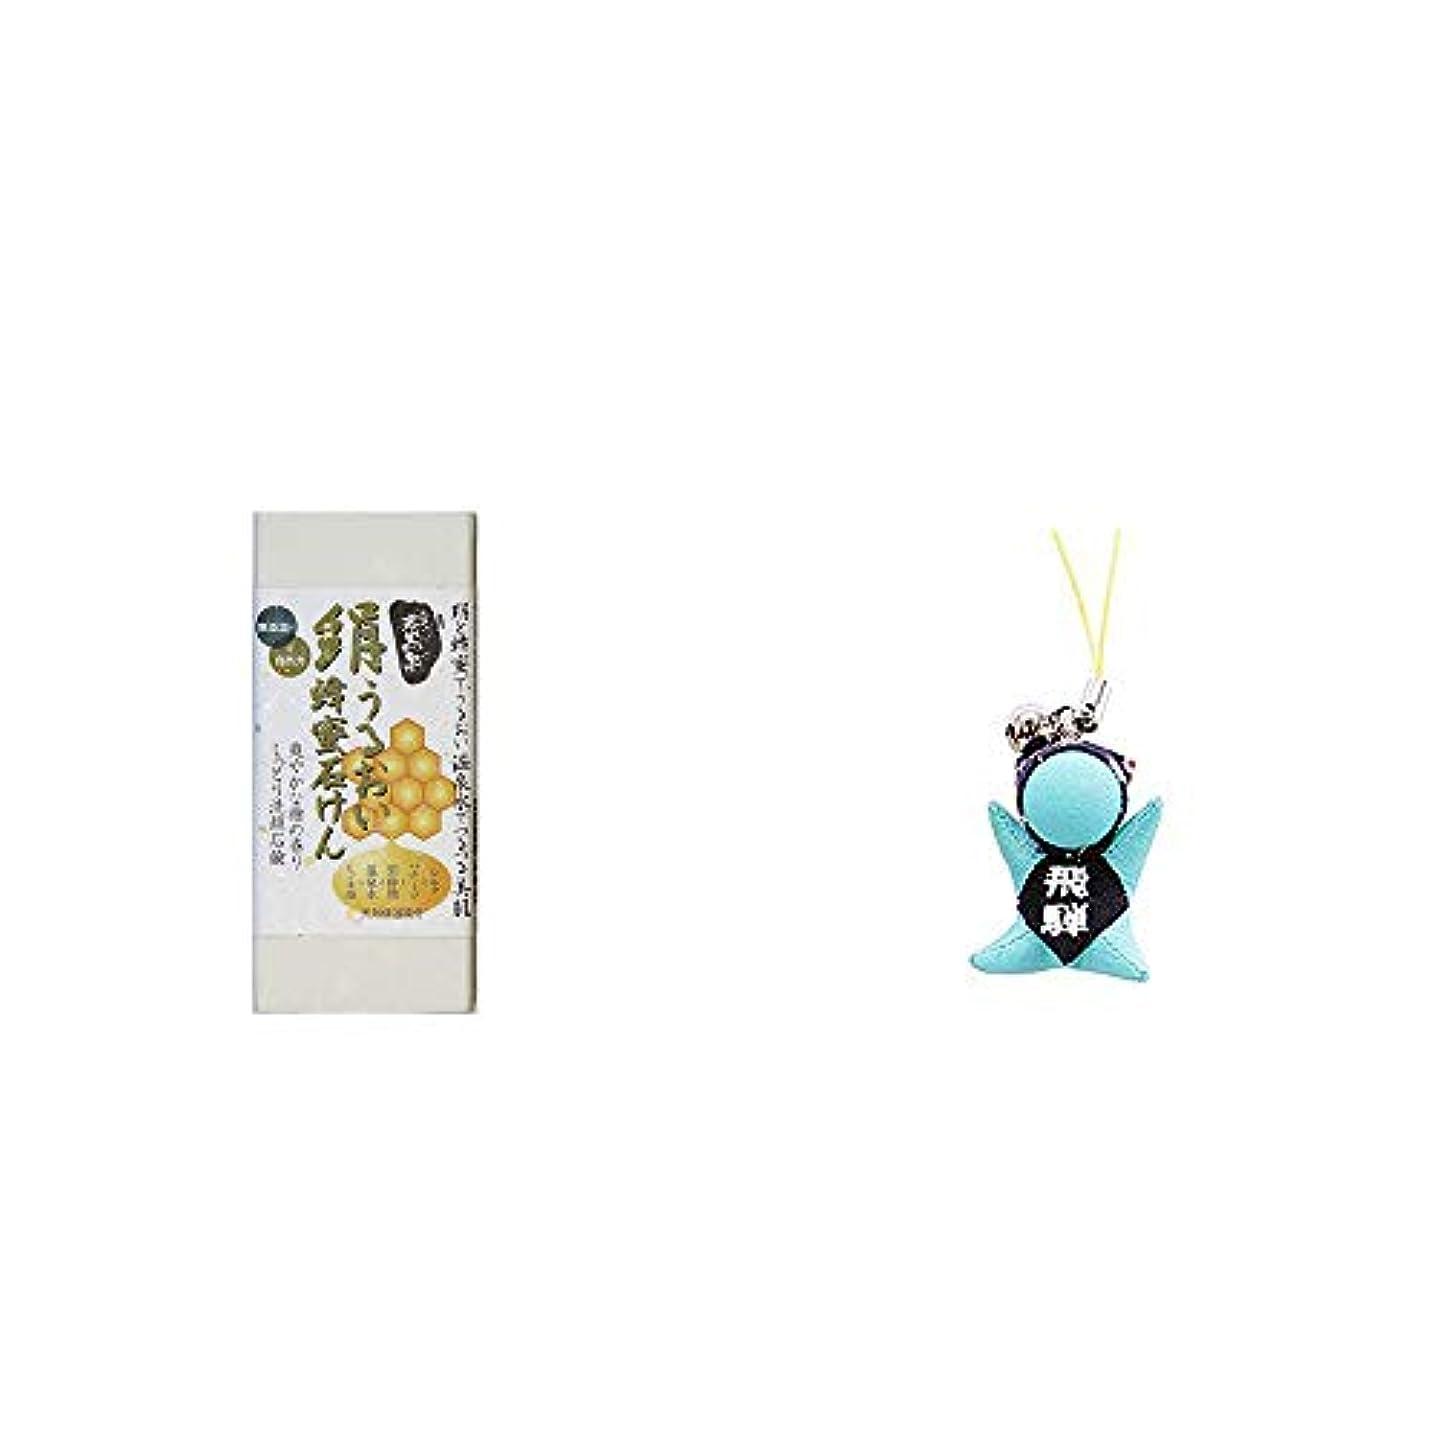 ランプ伝説聖書[2点セット] ひのき炭黒泉 絹うるおい蜂蜜石けん(75g×2)?さるぼぼ幸福ストラップ 【青】 / 風水カラー全9種類 合格祈願?出世祈願 お守り//